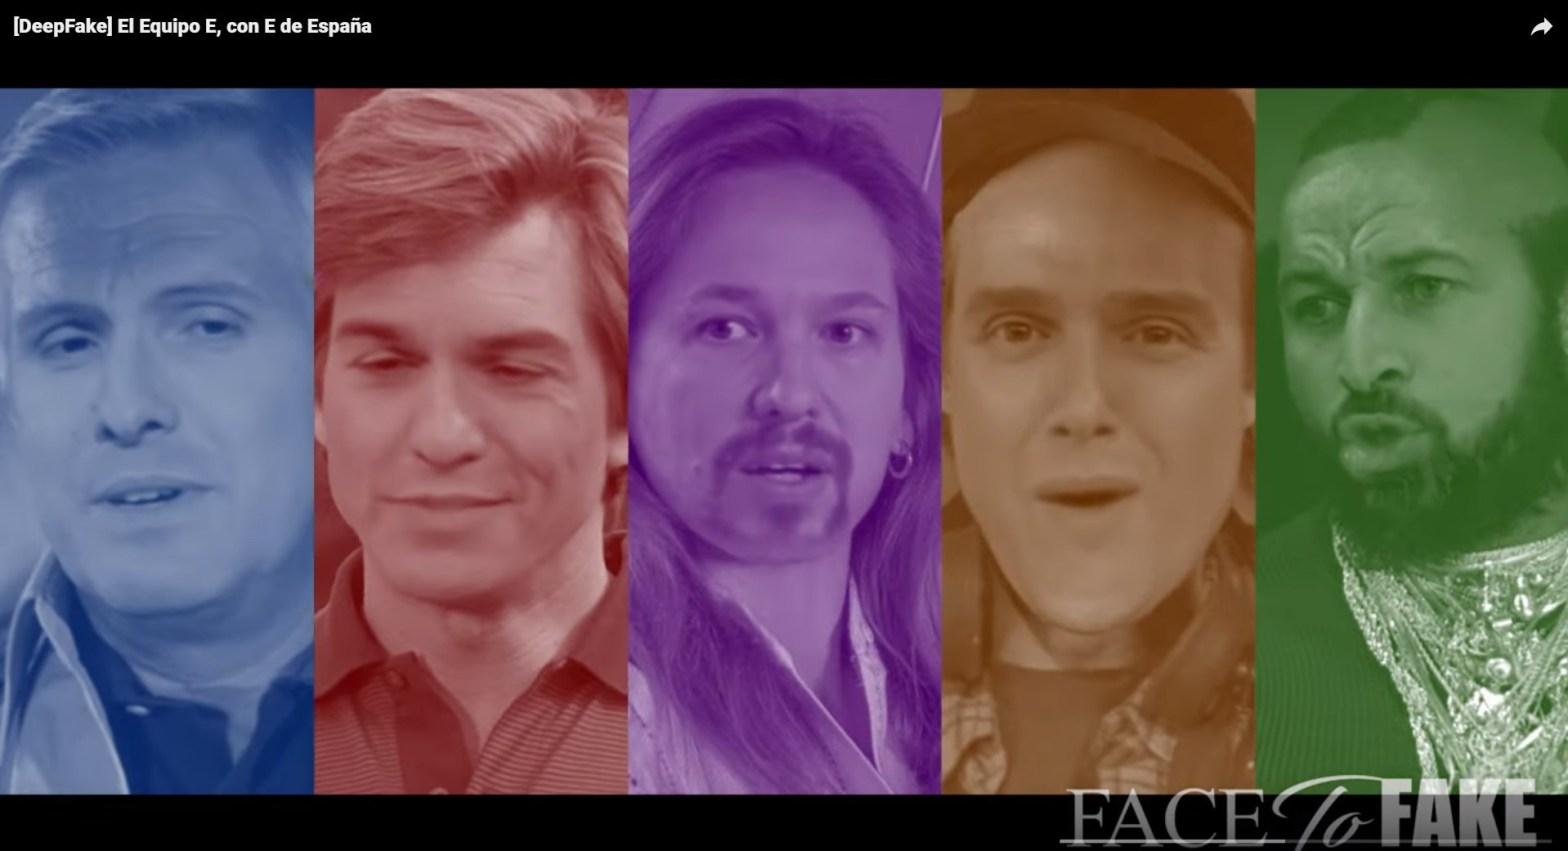 Deepfake políticos españoles - El Equipo E (de España) - Parodia de El Equipo A